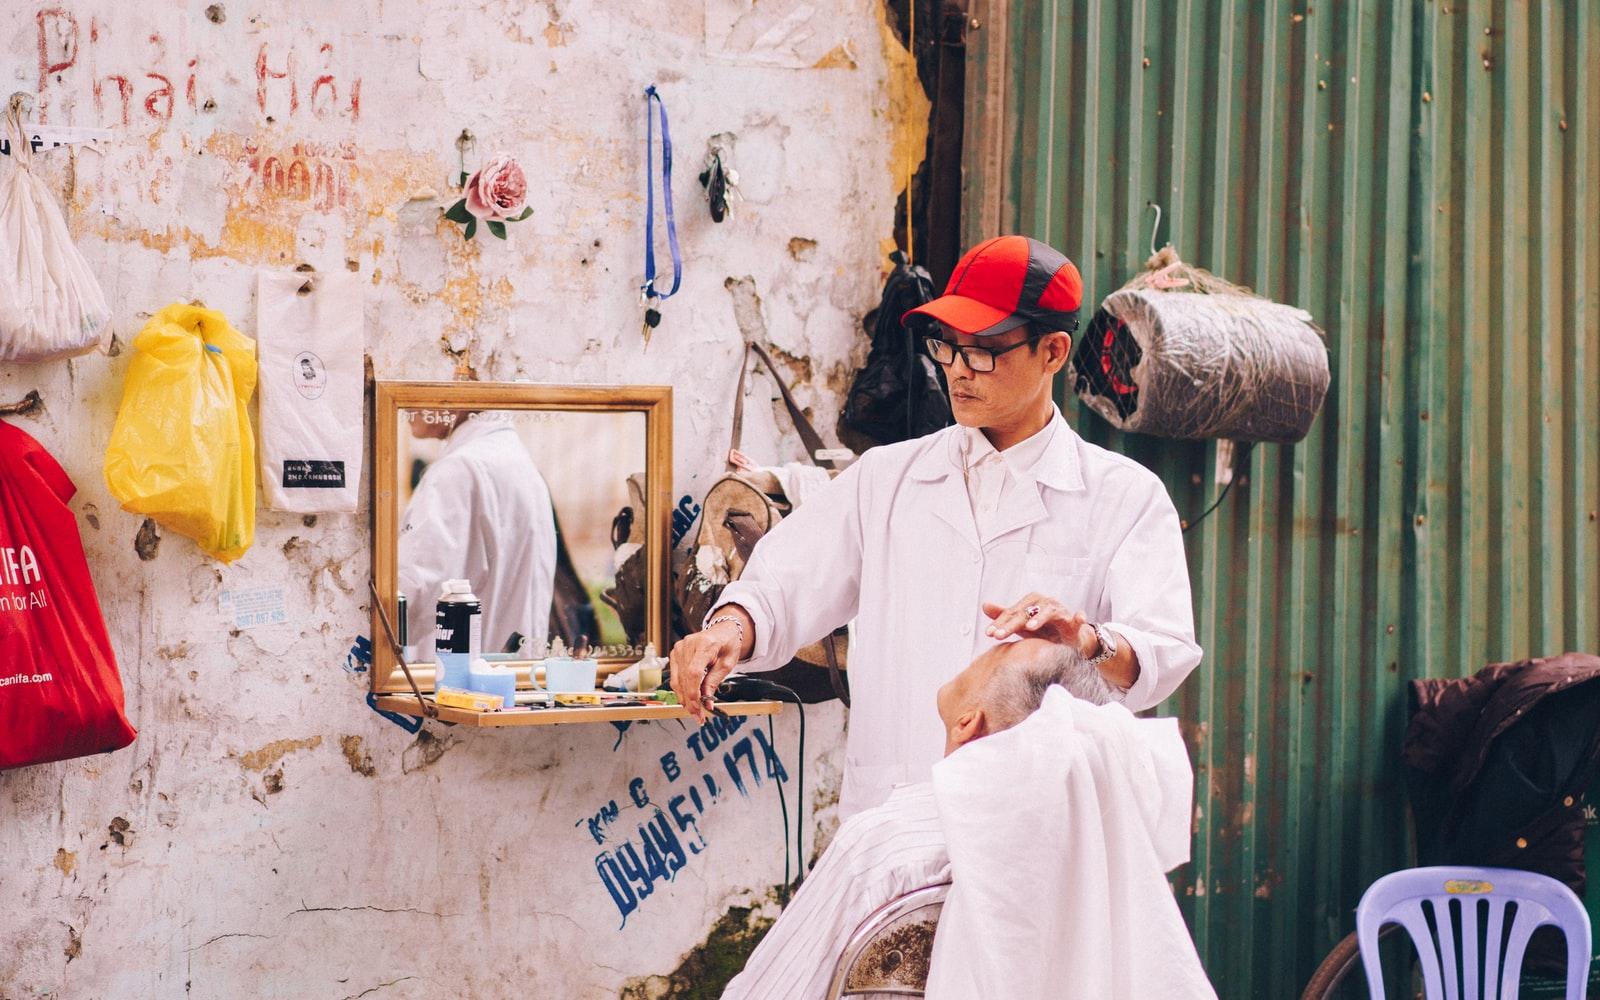 Tiệm hớt tóc ven đường Sài Gòn